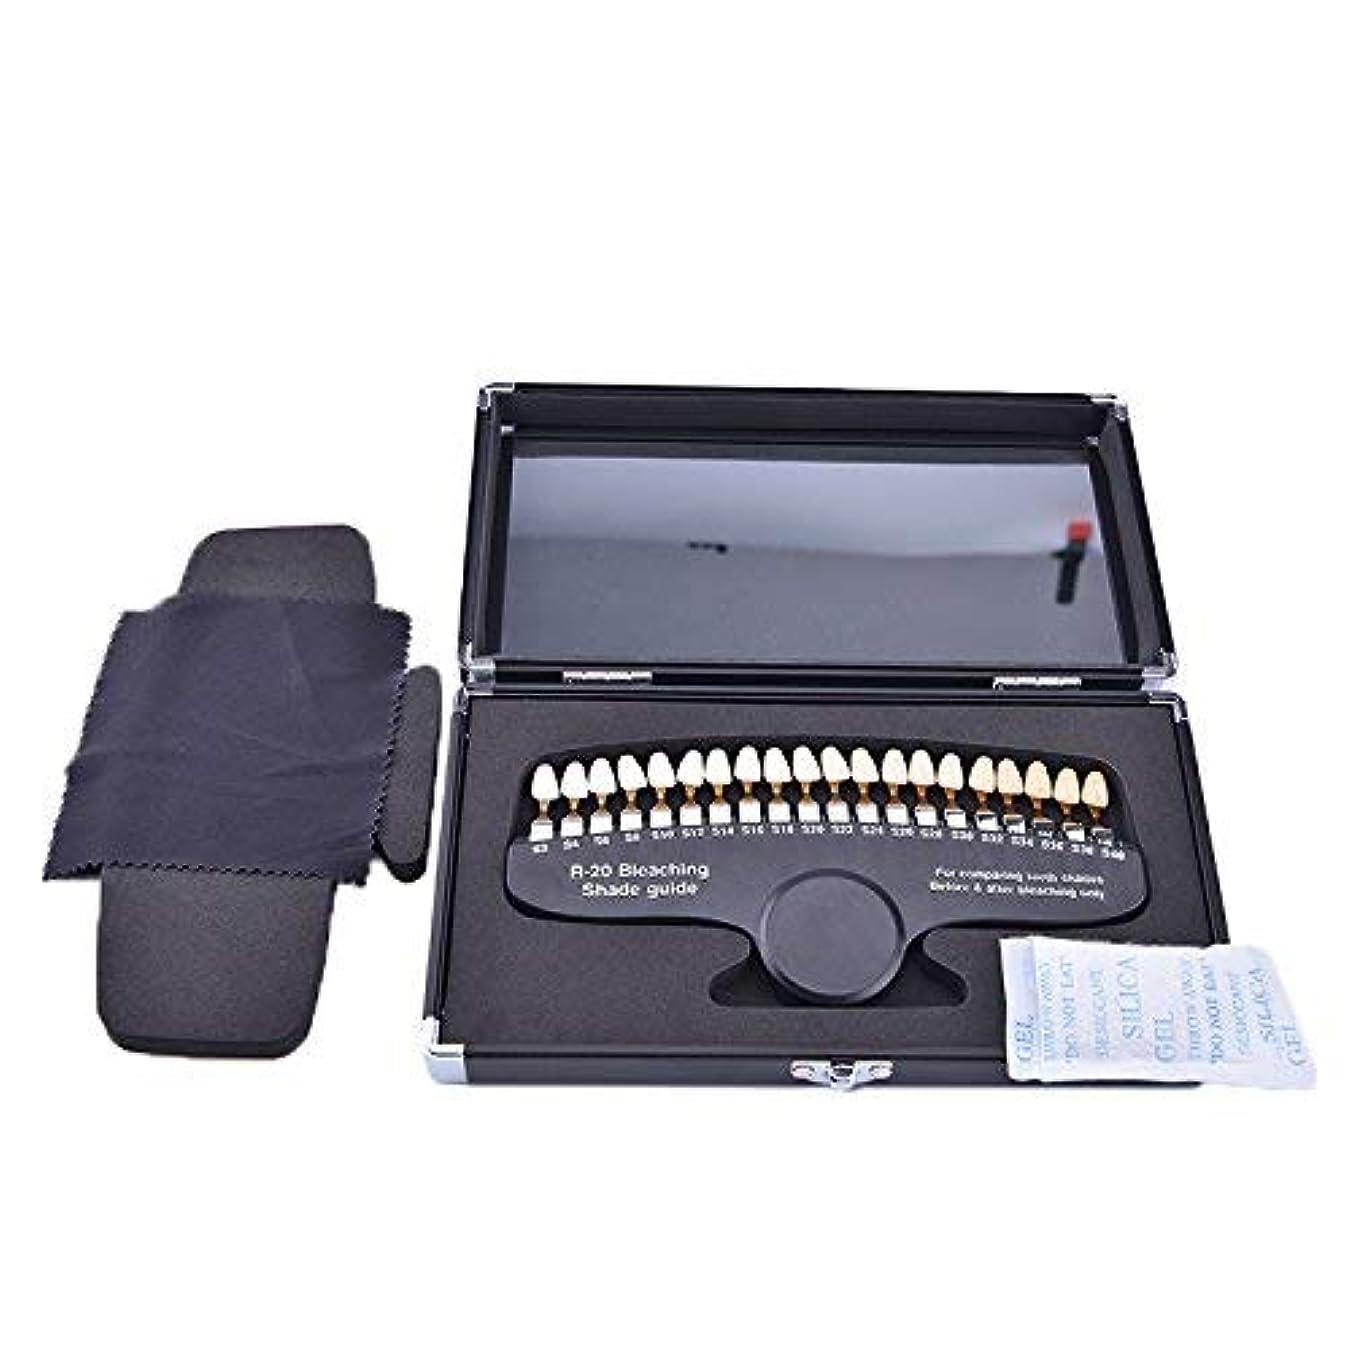 解明栄光の摂氏度デンタル ホワイトニング シェード ガイドー 20色デンタル専用抜ける歯列模型ボード 鏡付き